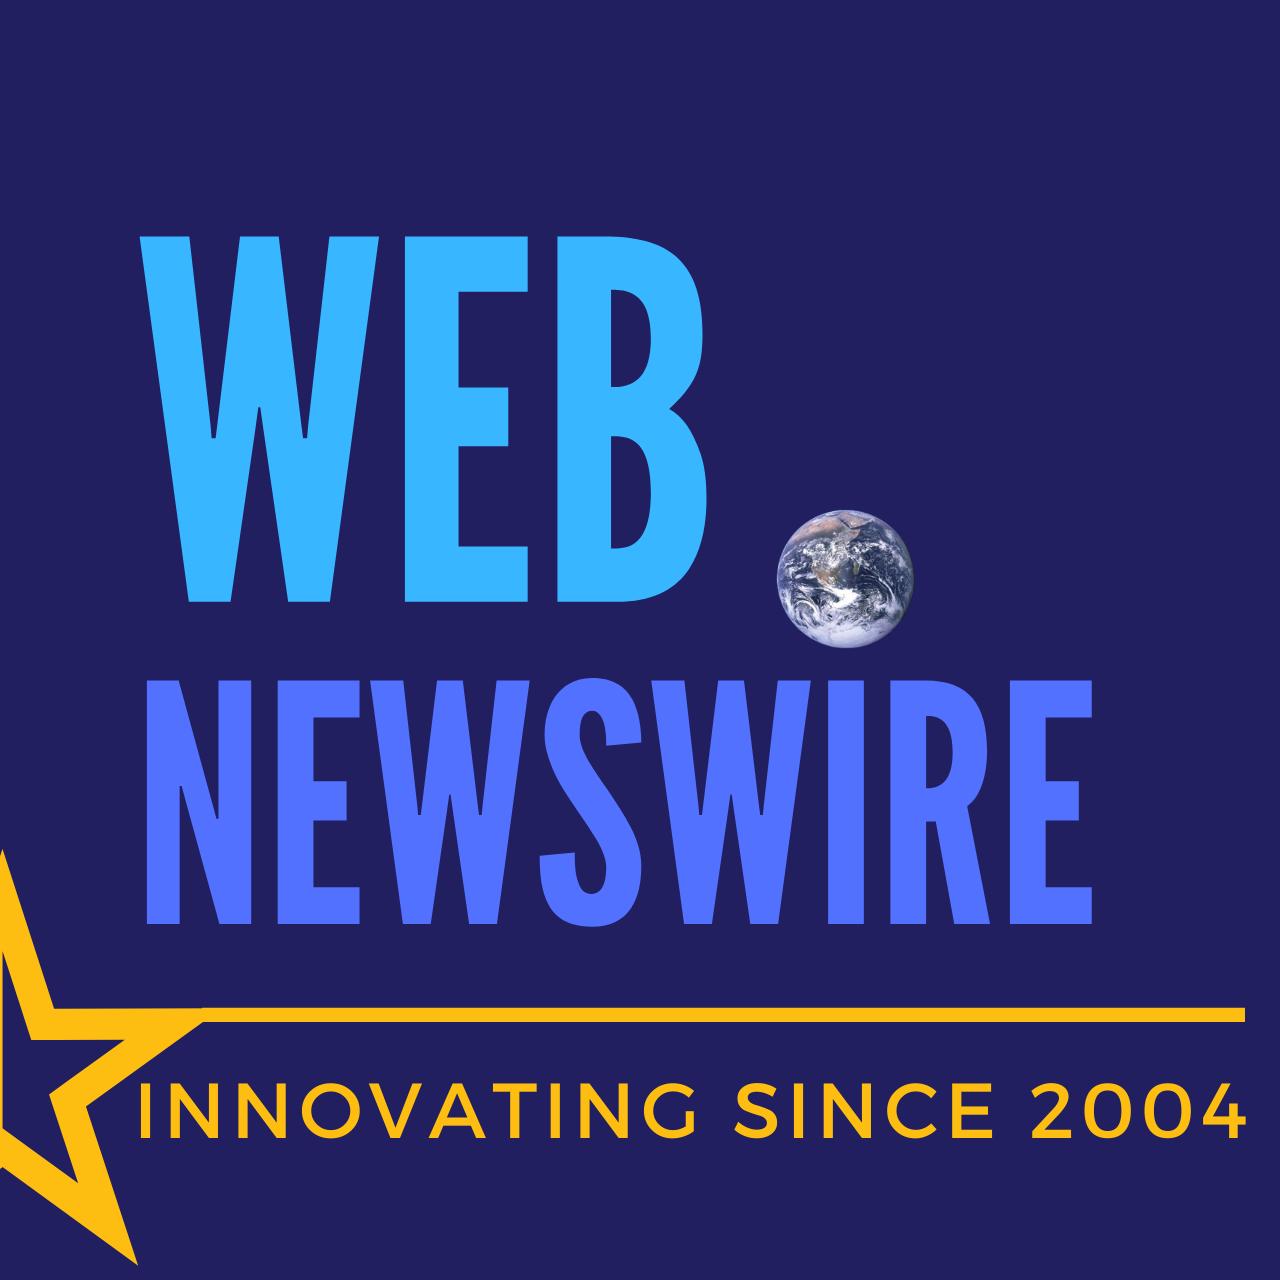 Webnewswire